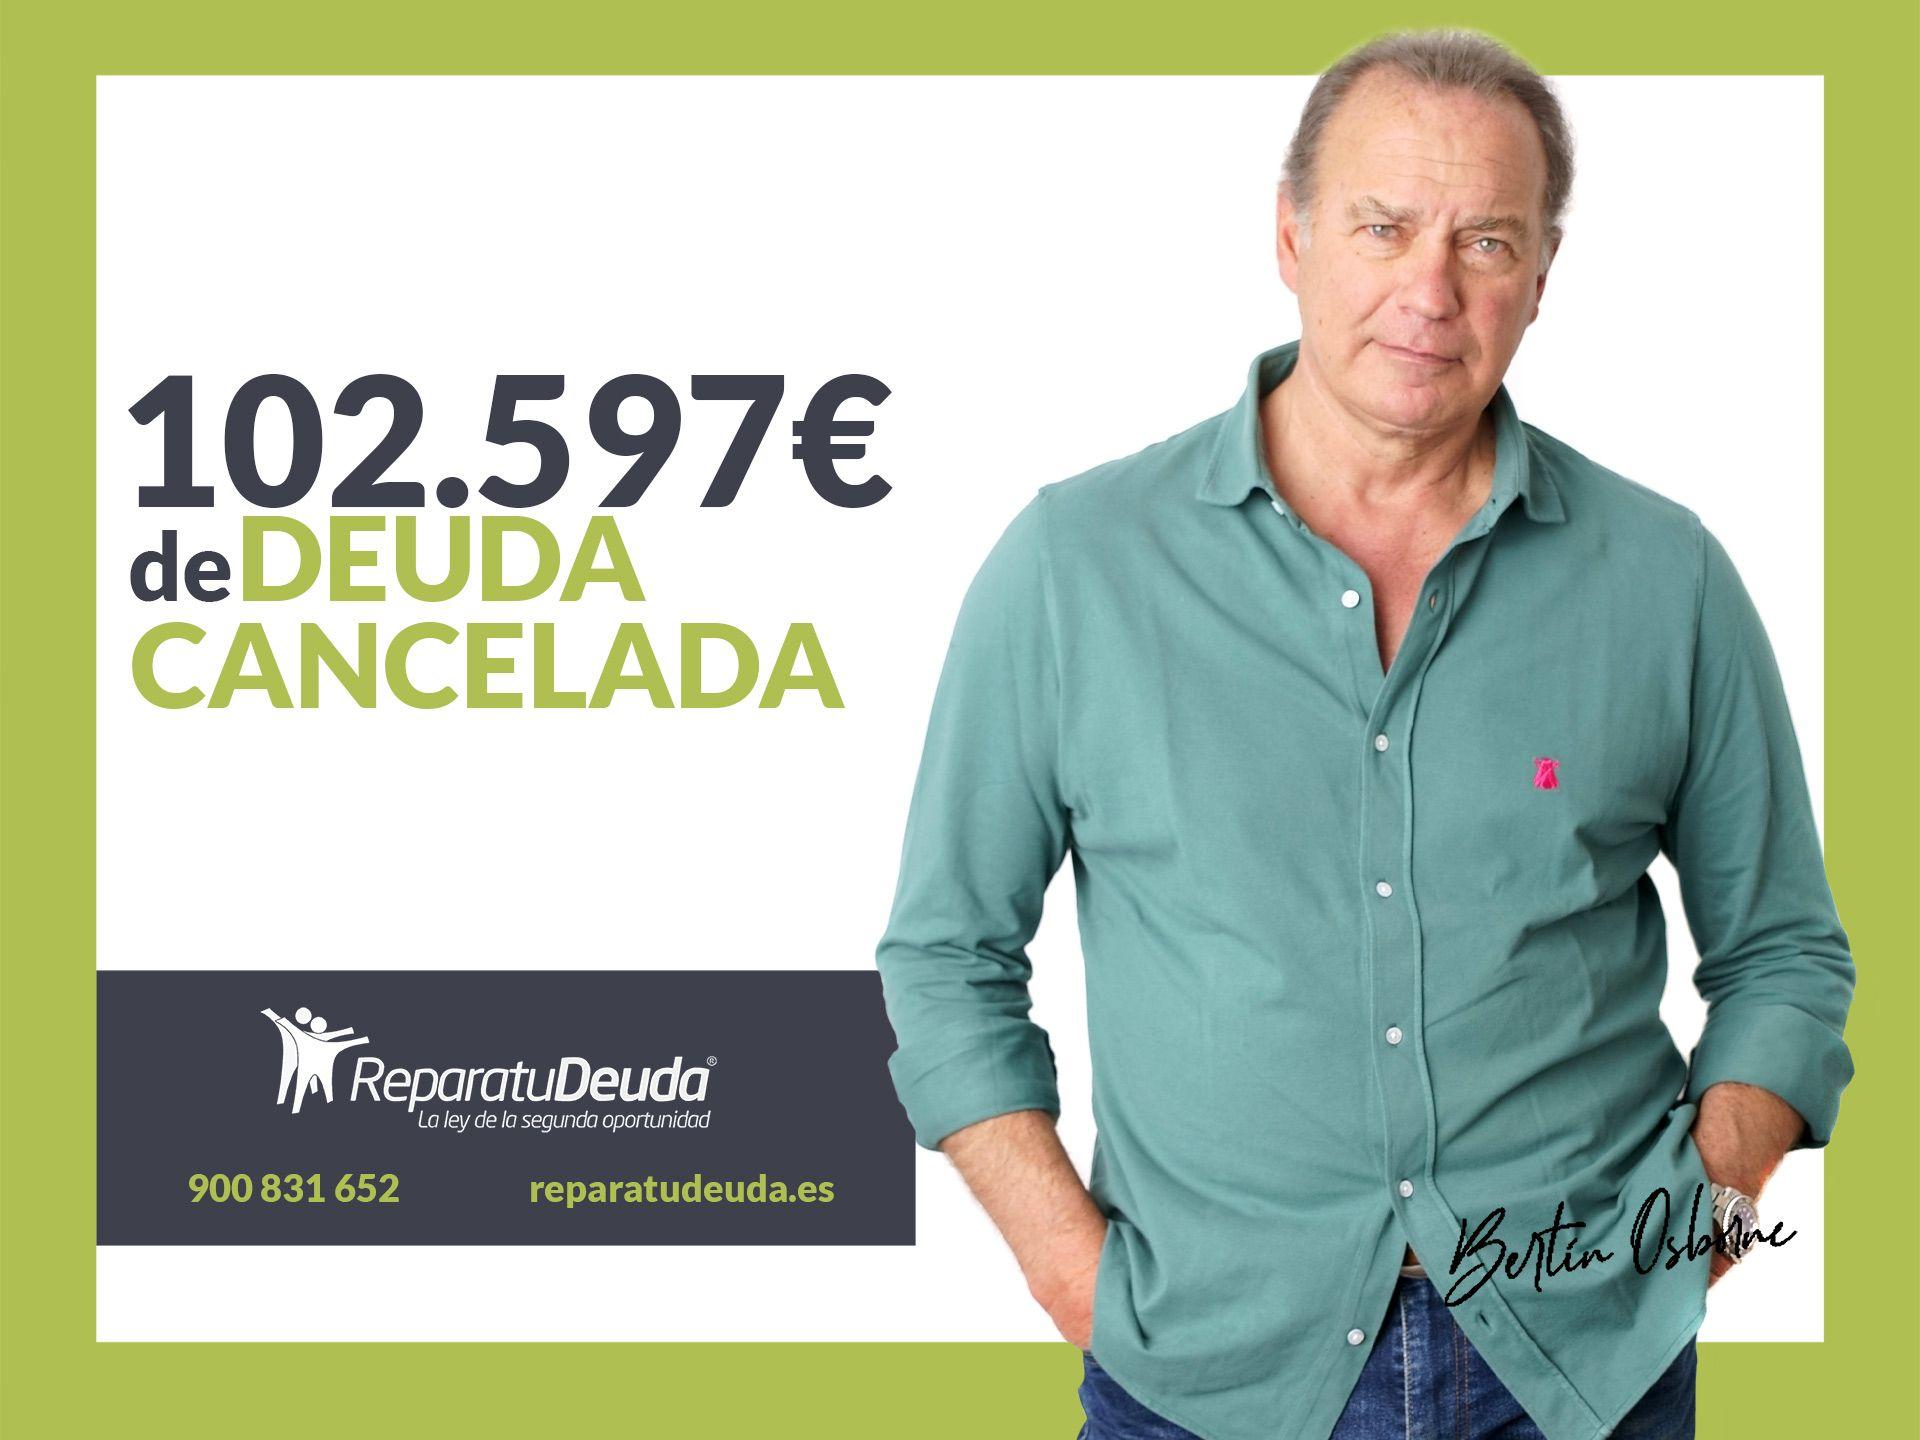 Repara tu Deuda abogados cancela 102.597€ en San Vicente del Raspeig con la Ley de Segunda Oportunidad